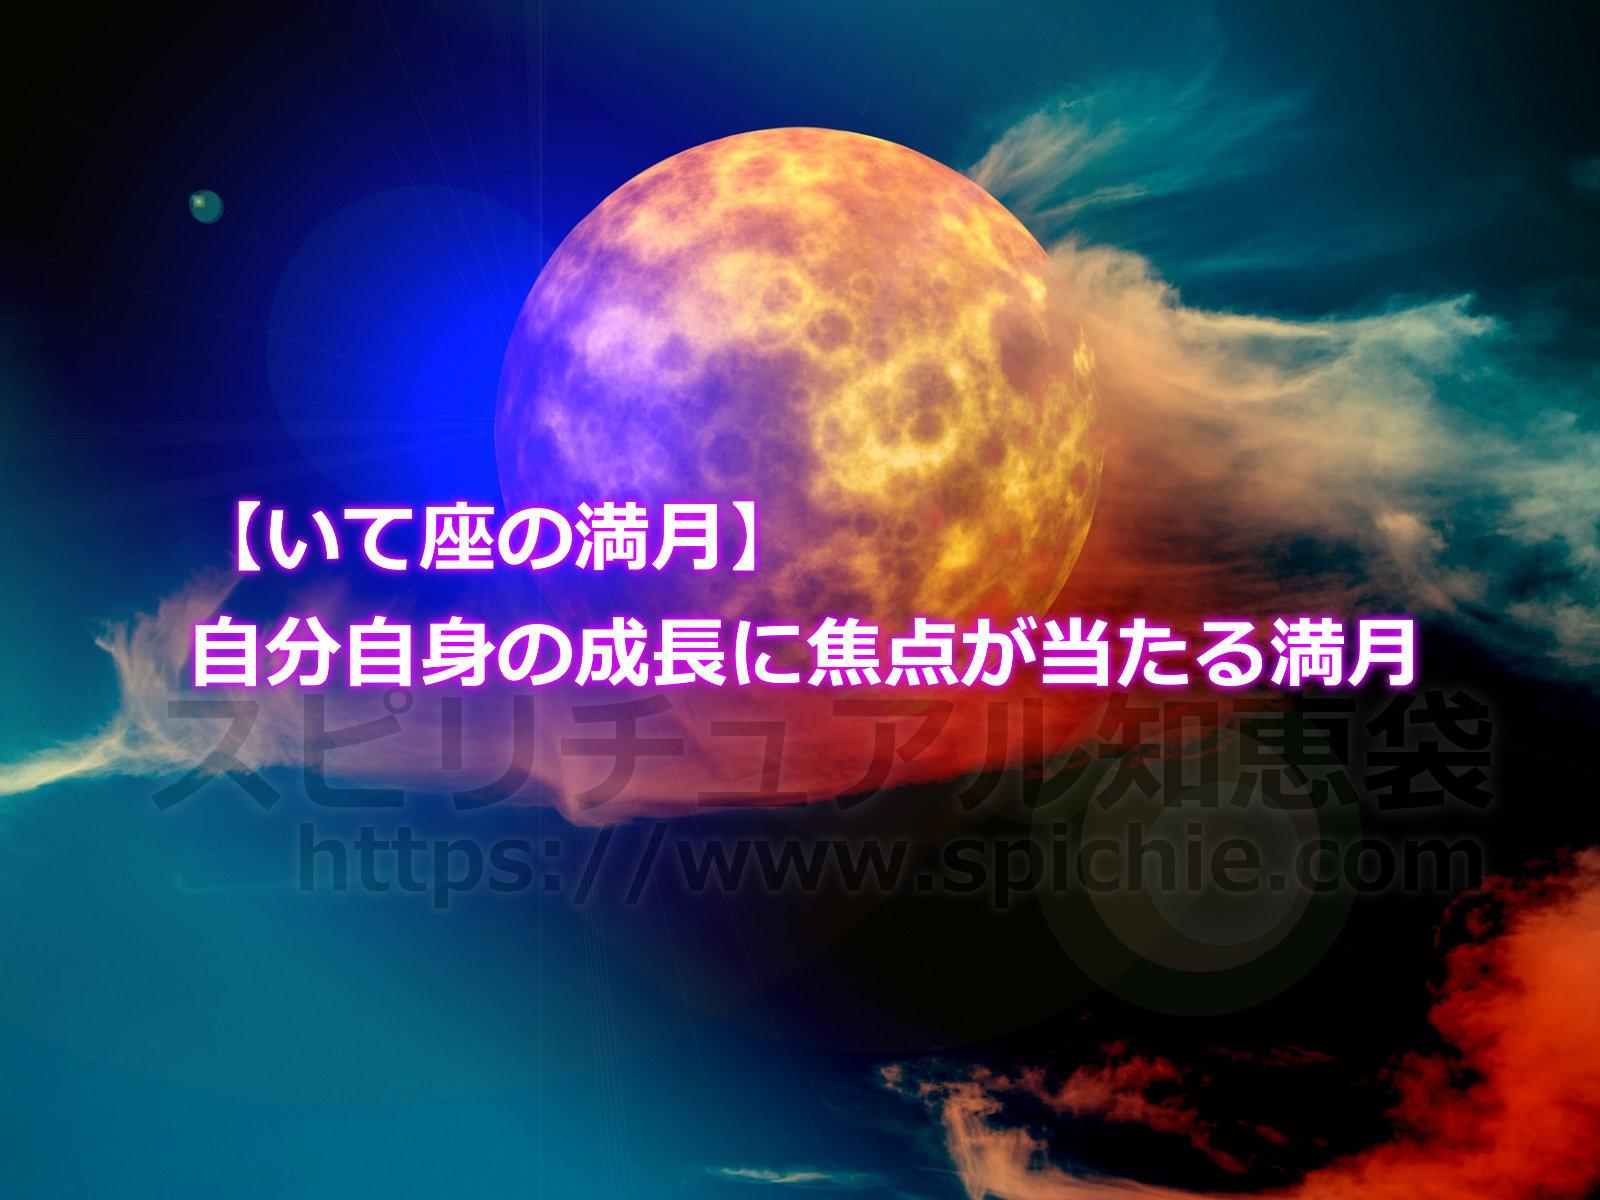 【いて座の満月】自分自身の成長に焦点が当たる満月